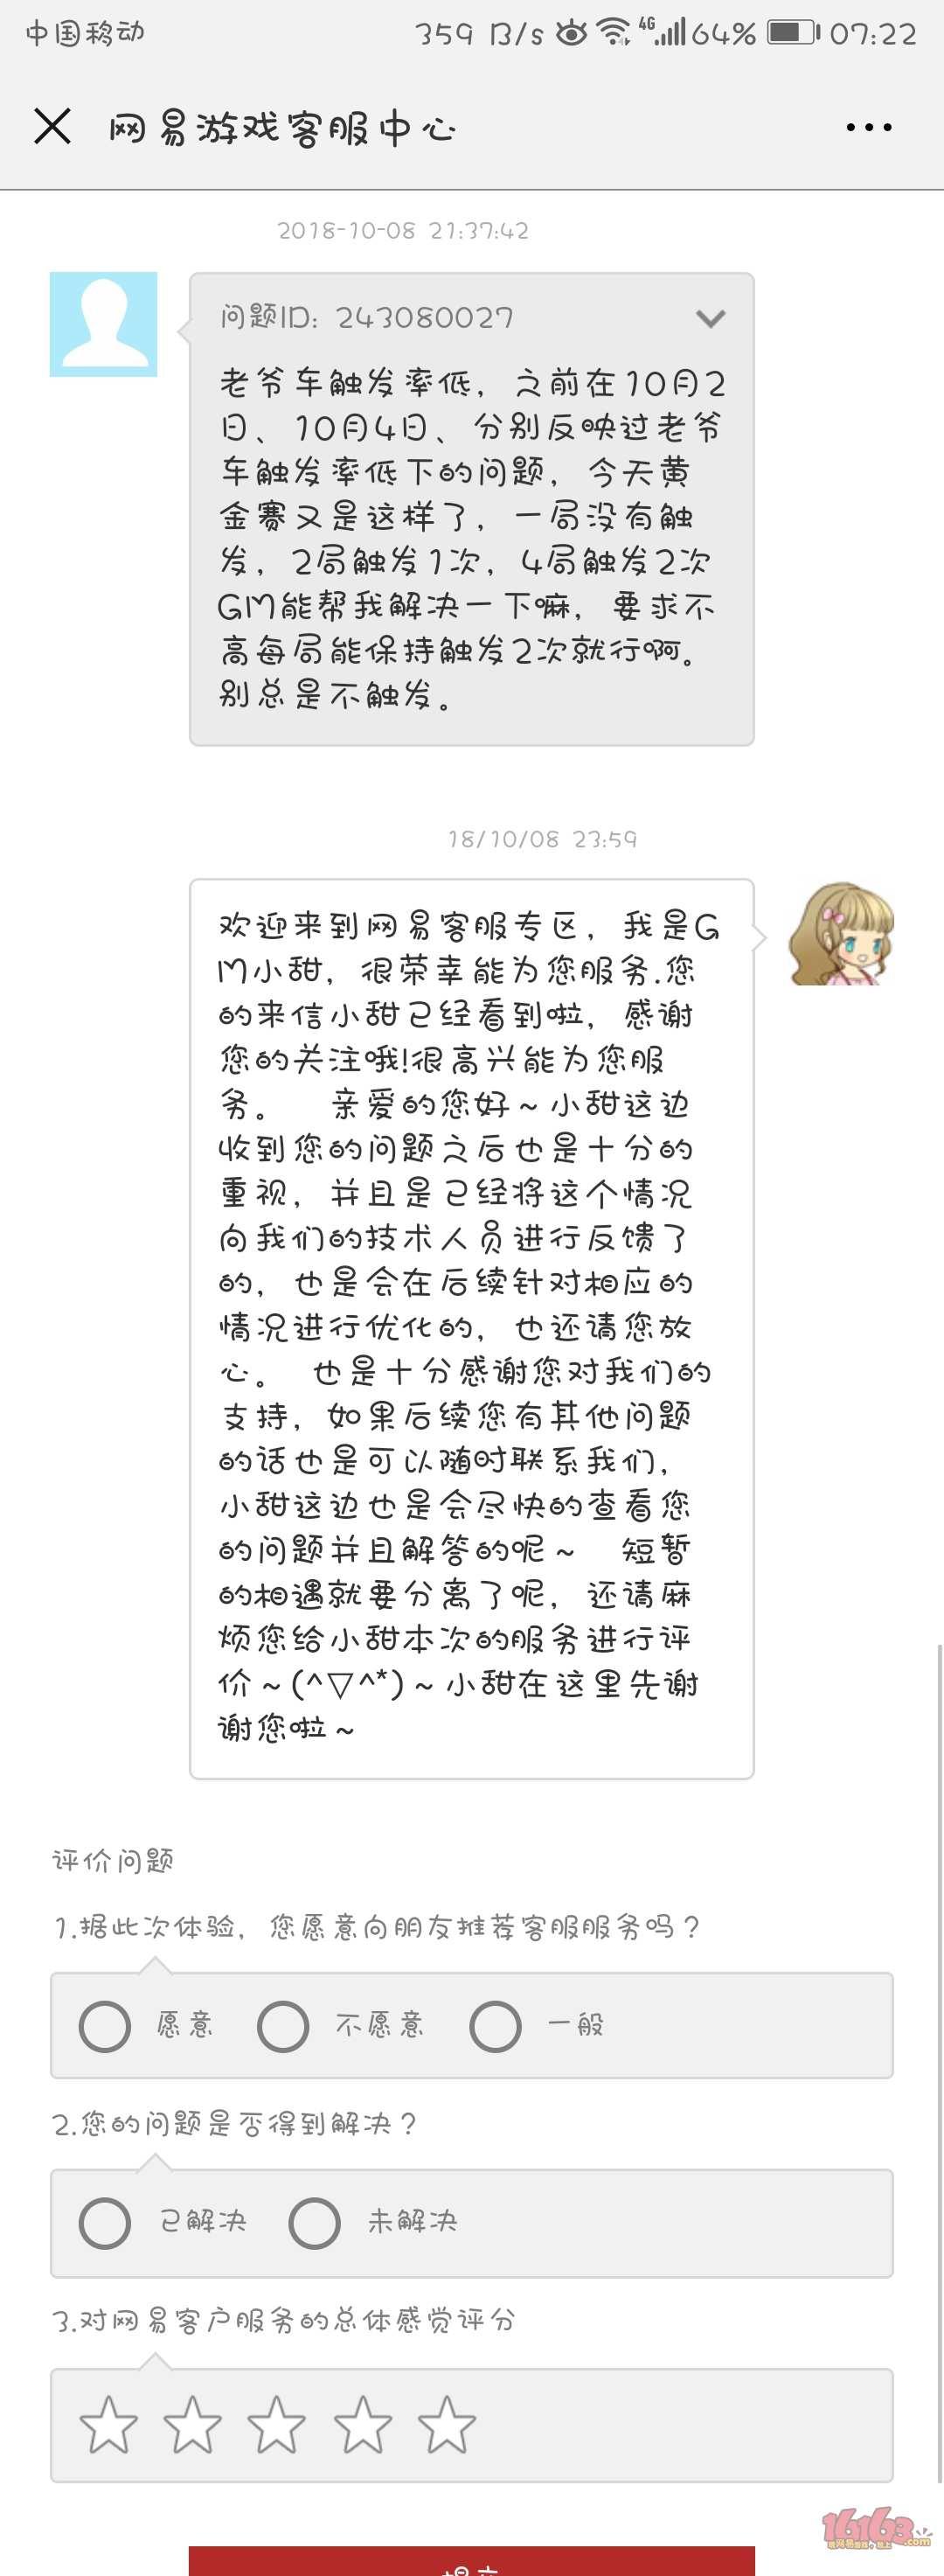 Screenshot_2018-10-09-07-22-51.jpg